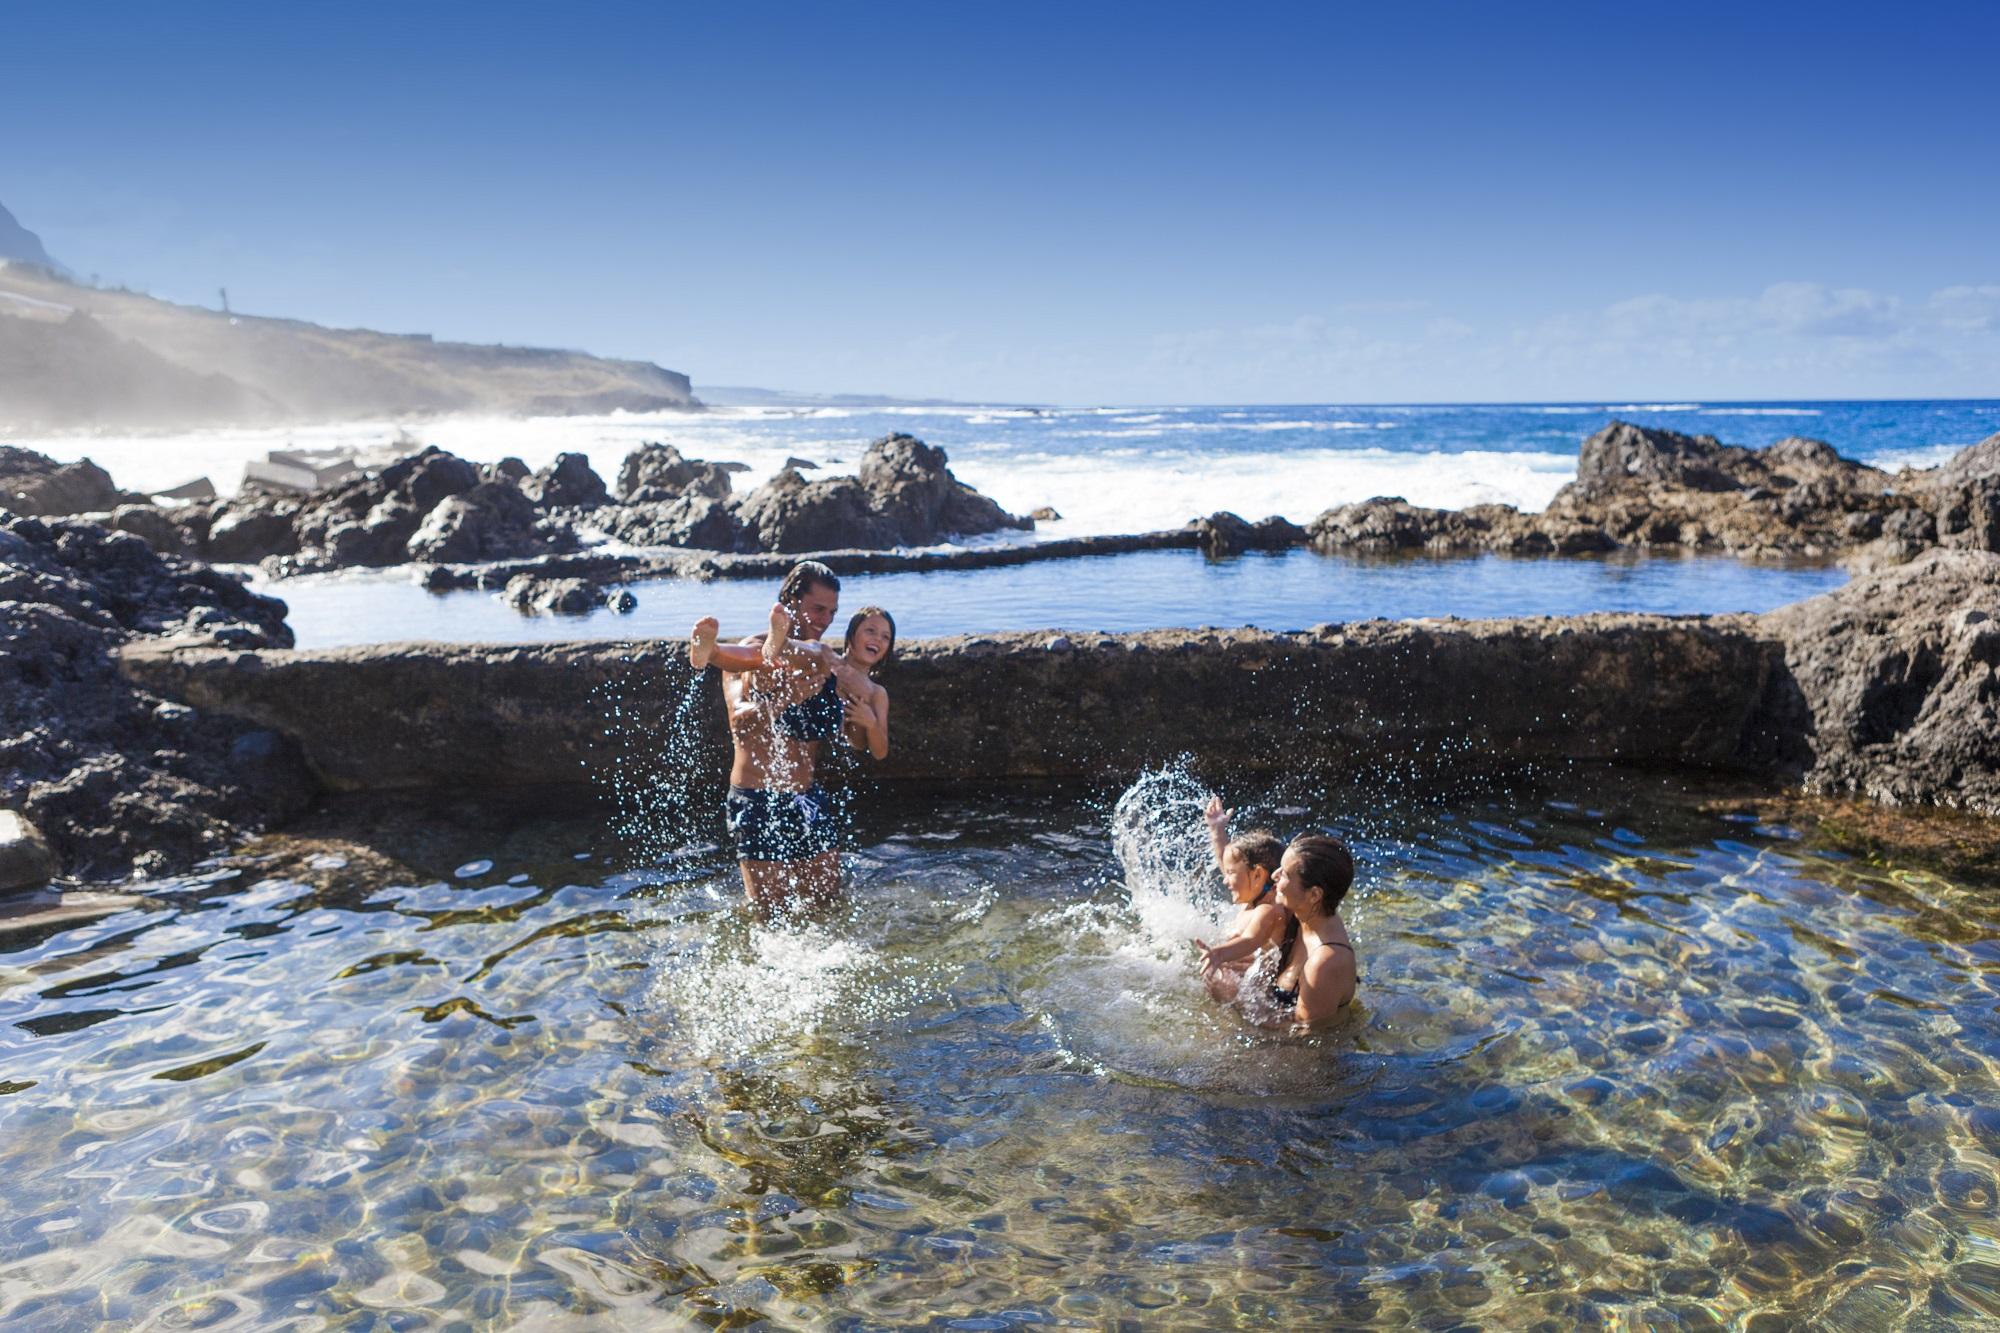 Sidste år var der 1,2 millioner danske ankomster til hele Spanien. Kanarieøerne var den mest besøgte region med 312.000 danske ankomster, her er det fra Tenerife. Pressefoto: Den Spanske Stats Turistbureau i Danmark.